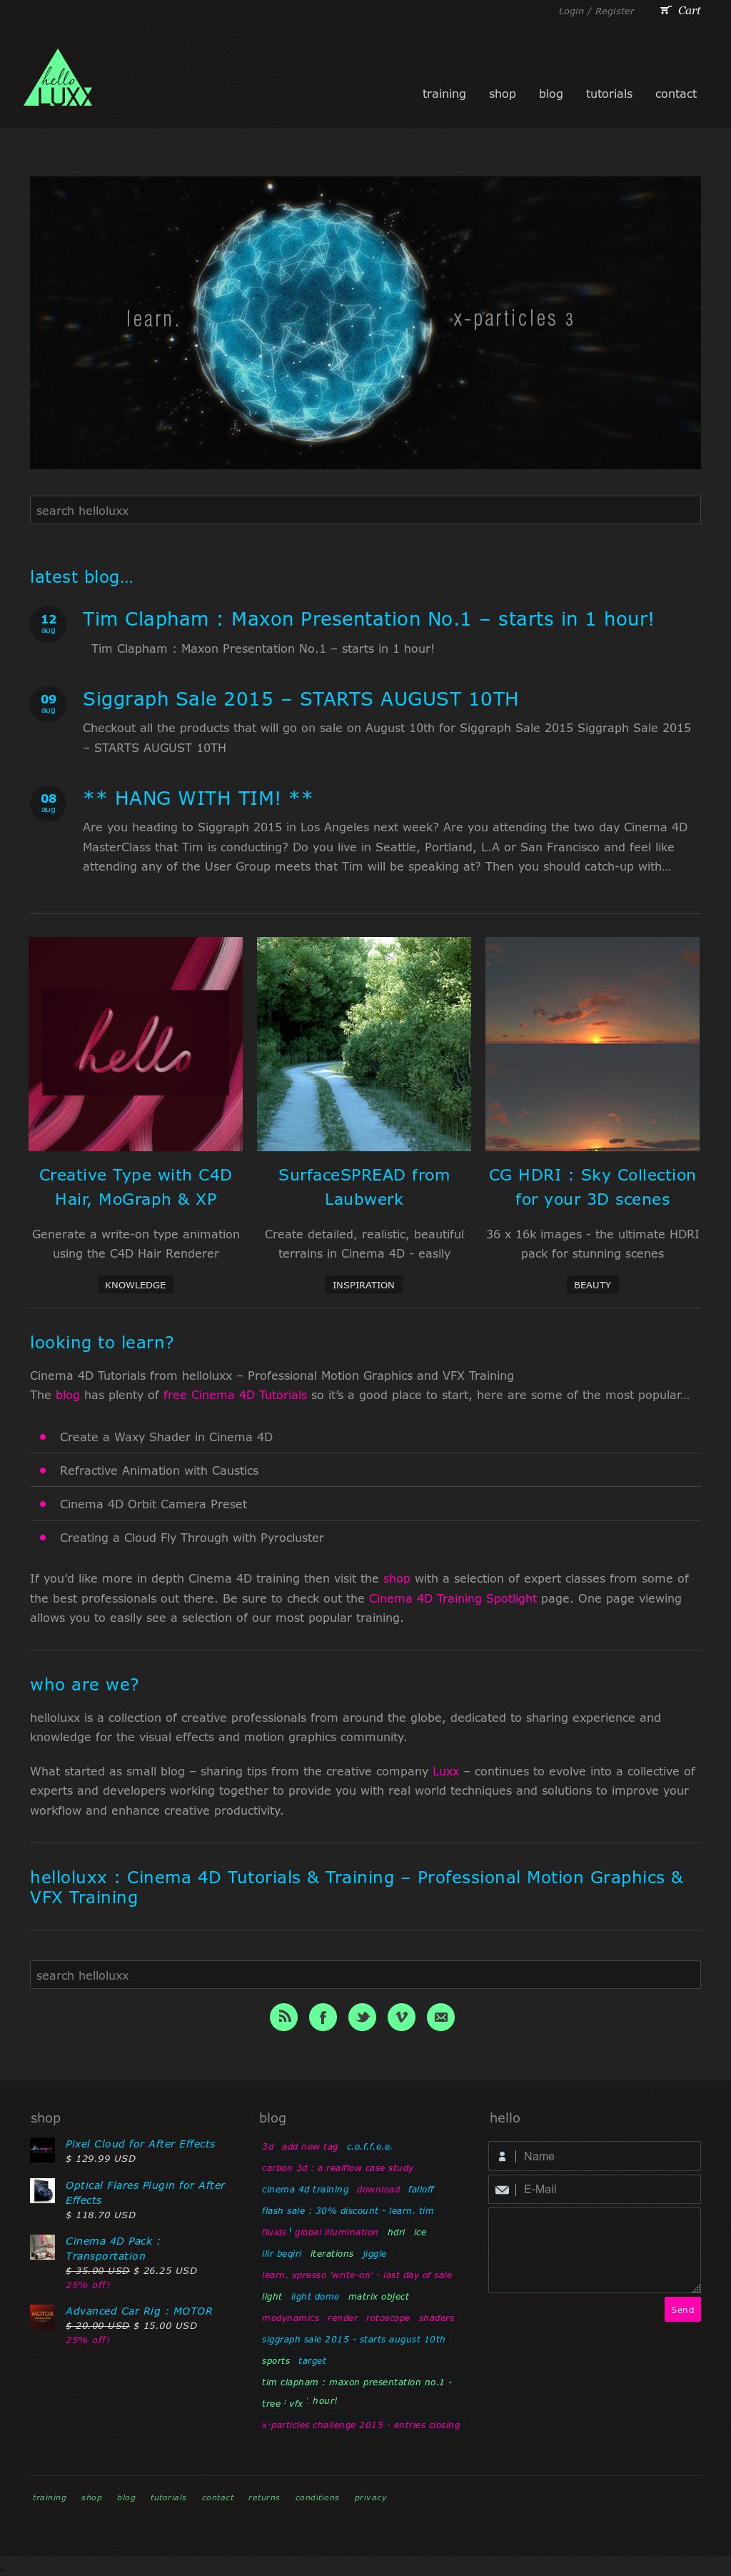 Owler Reports - Helloluxx Blog C4D R18 Voronoi Fracture Download